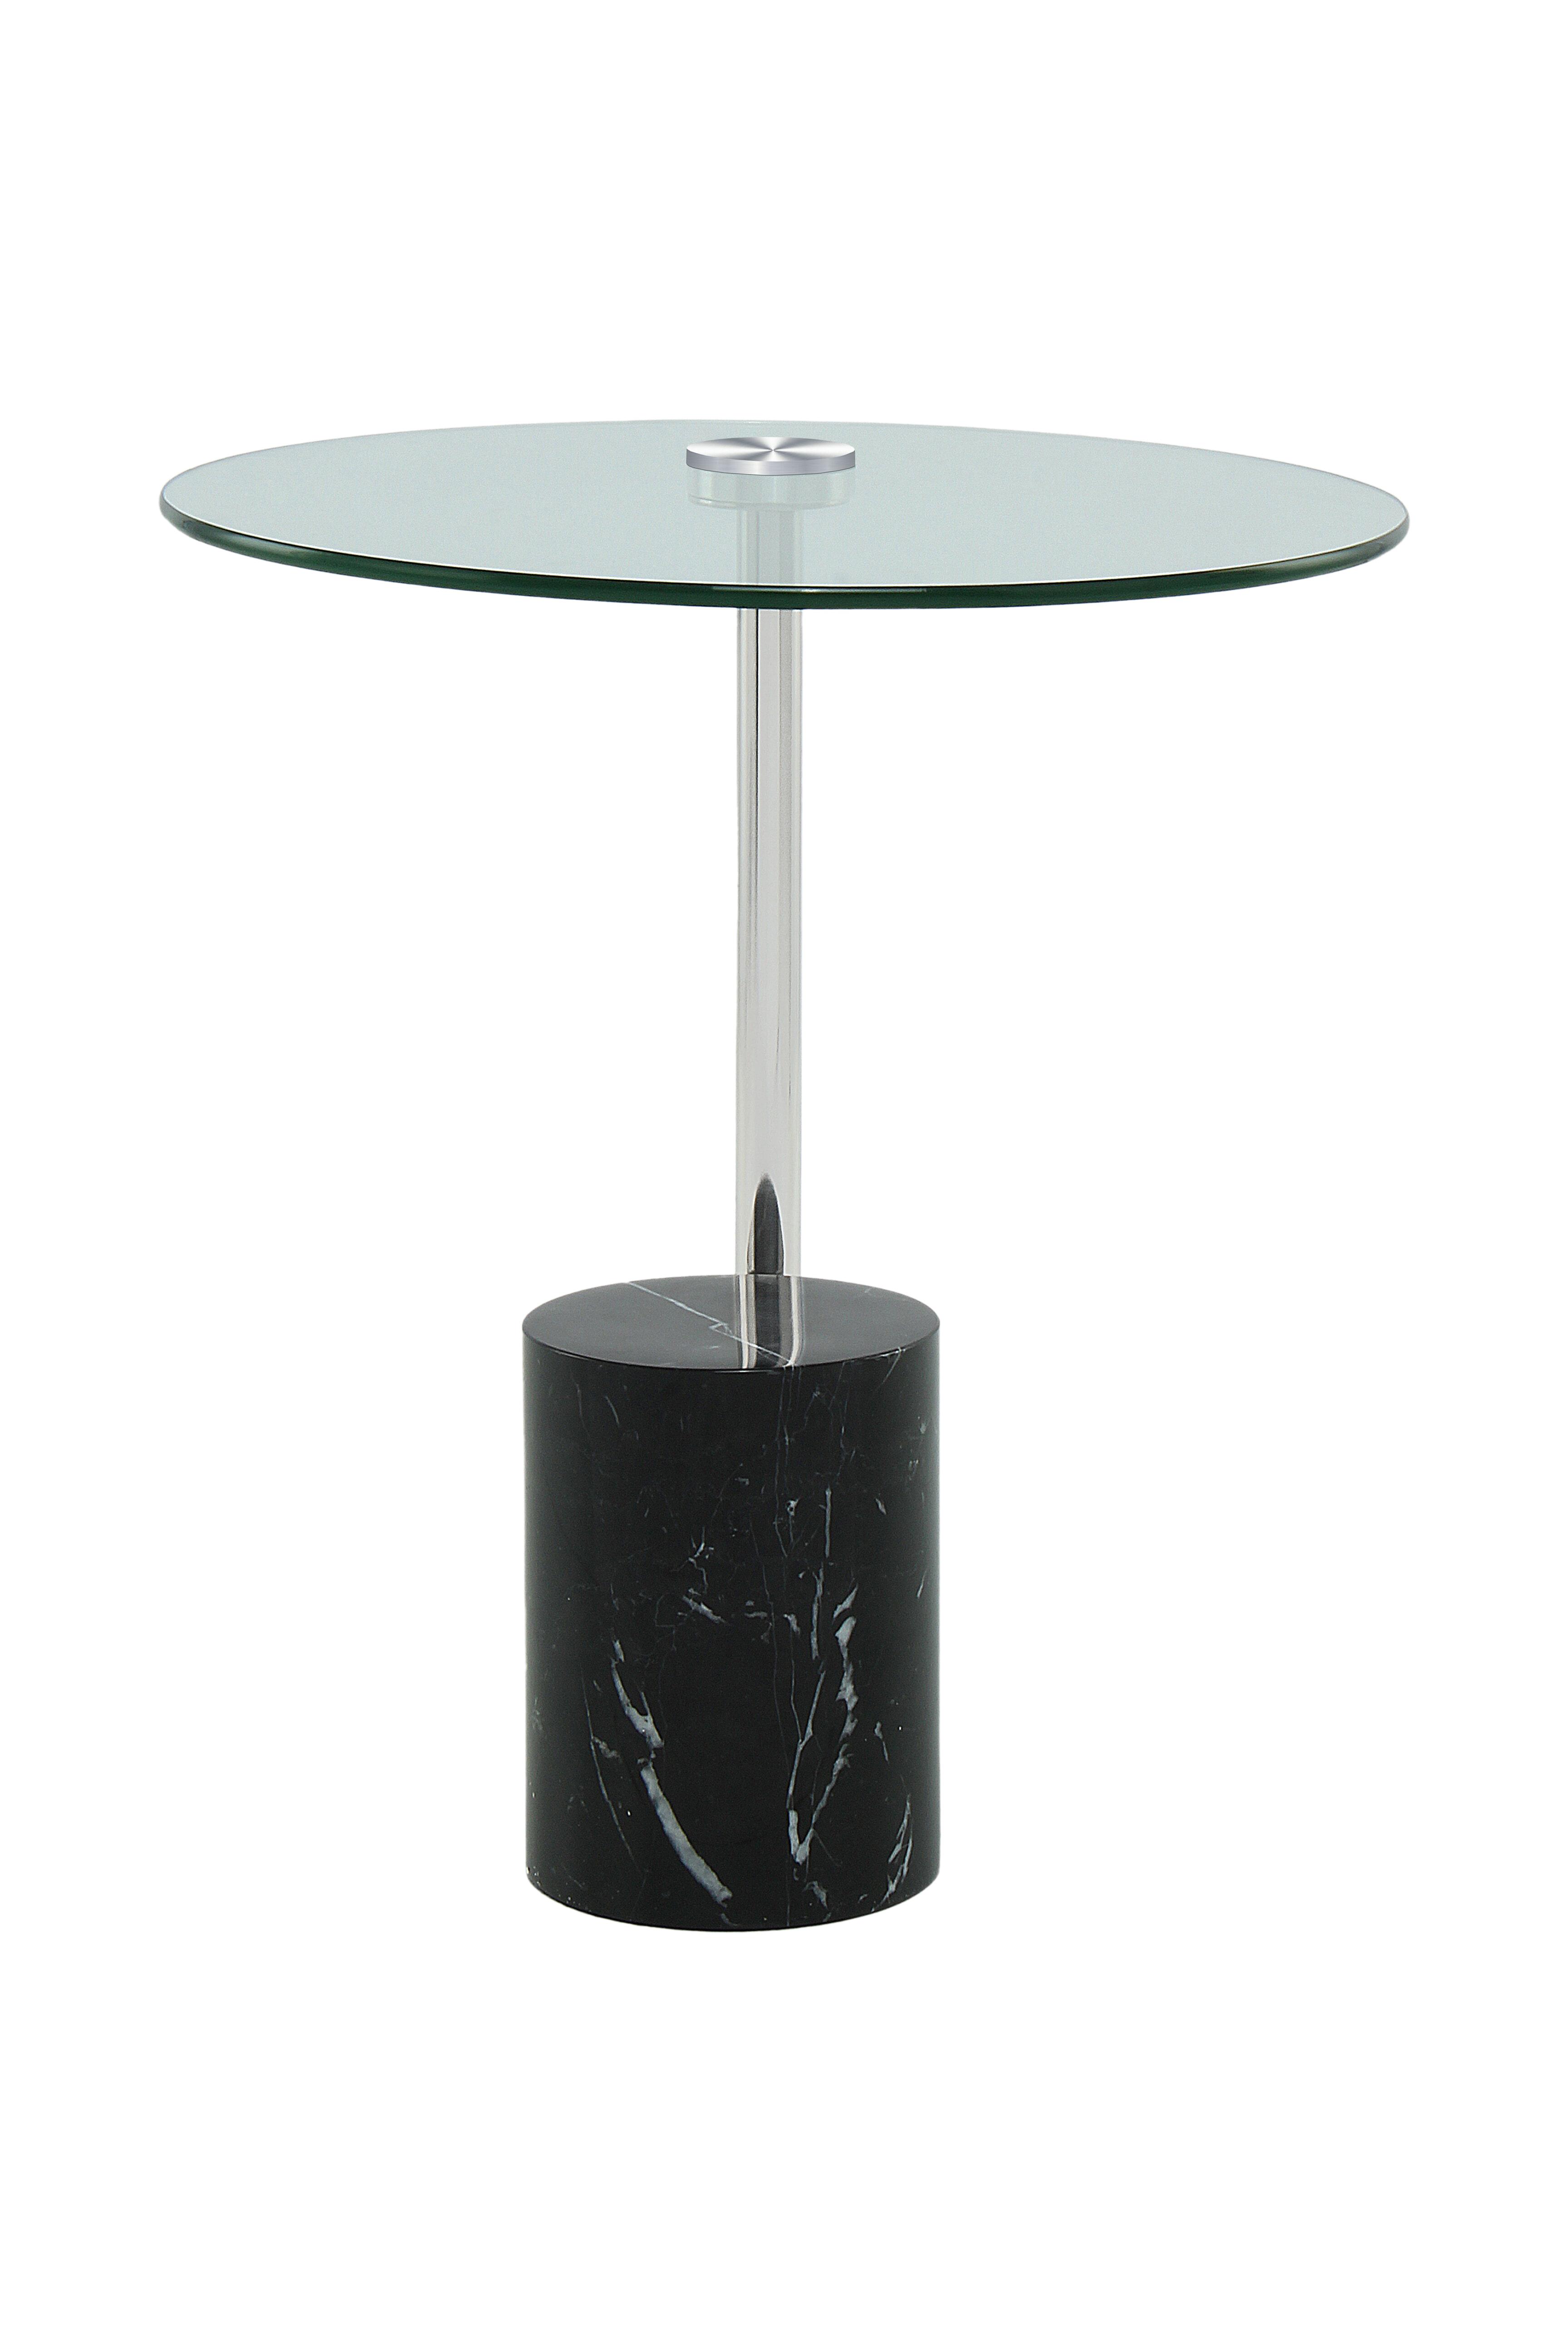 Kayoom Bijzettafel 'Rosario' Marmer, 44cm, kleur zwart / zilver